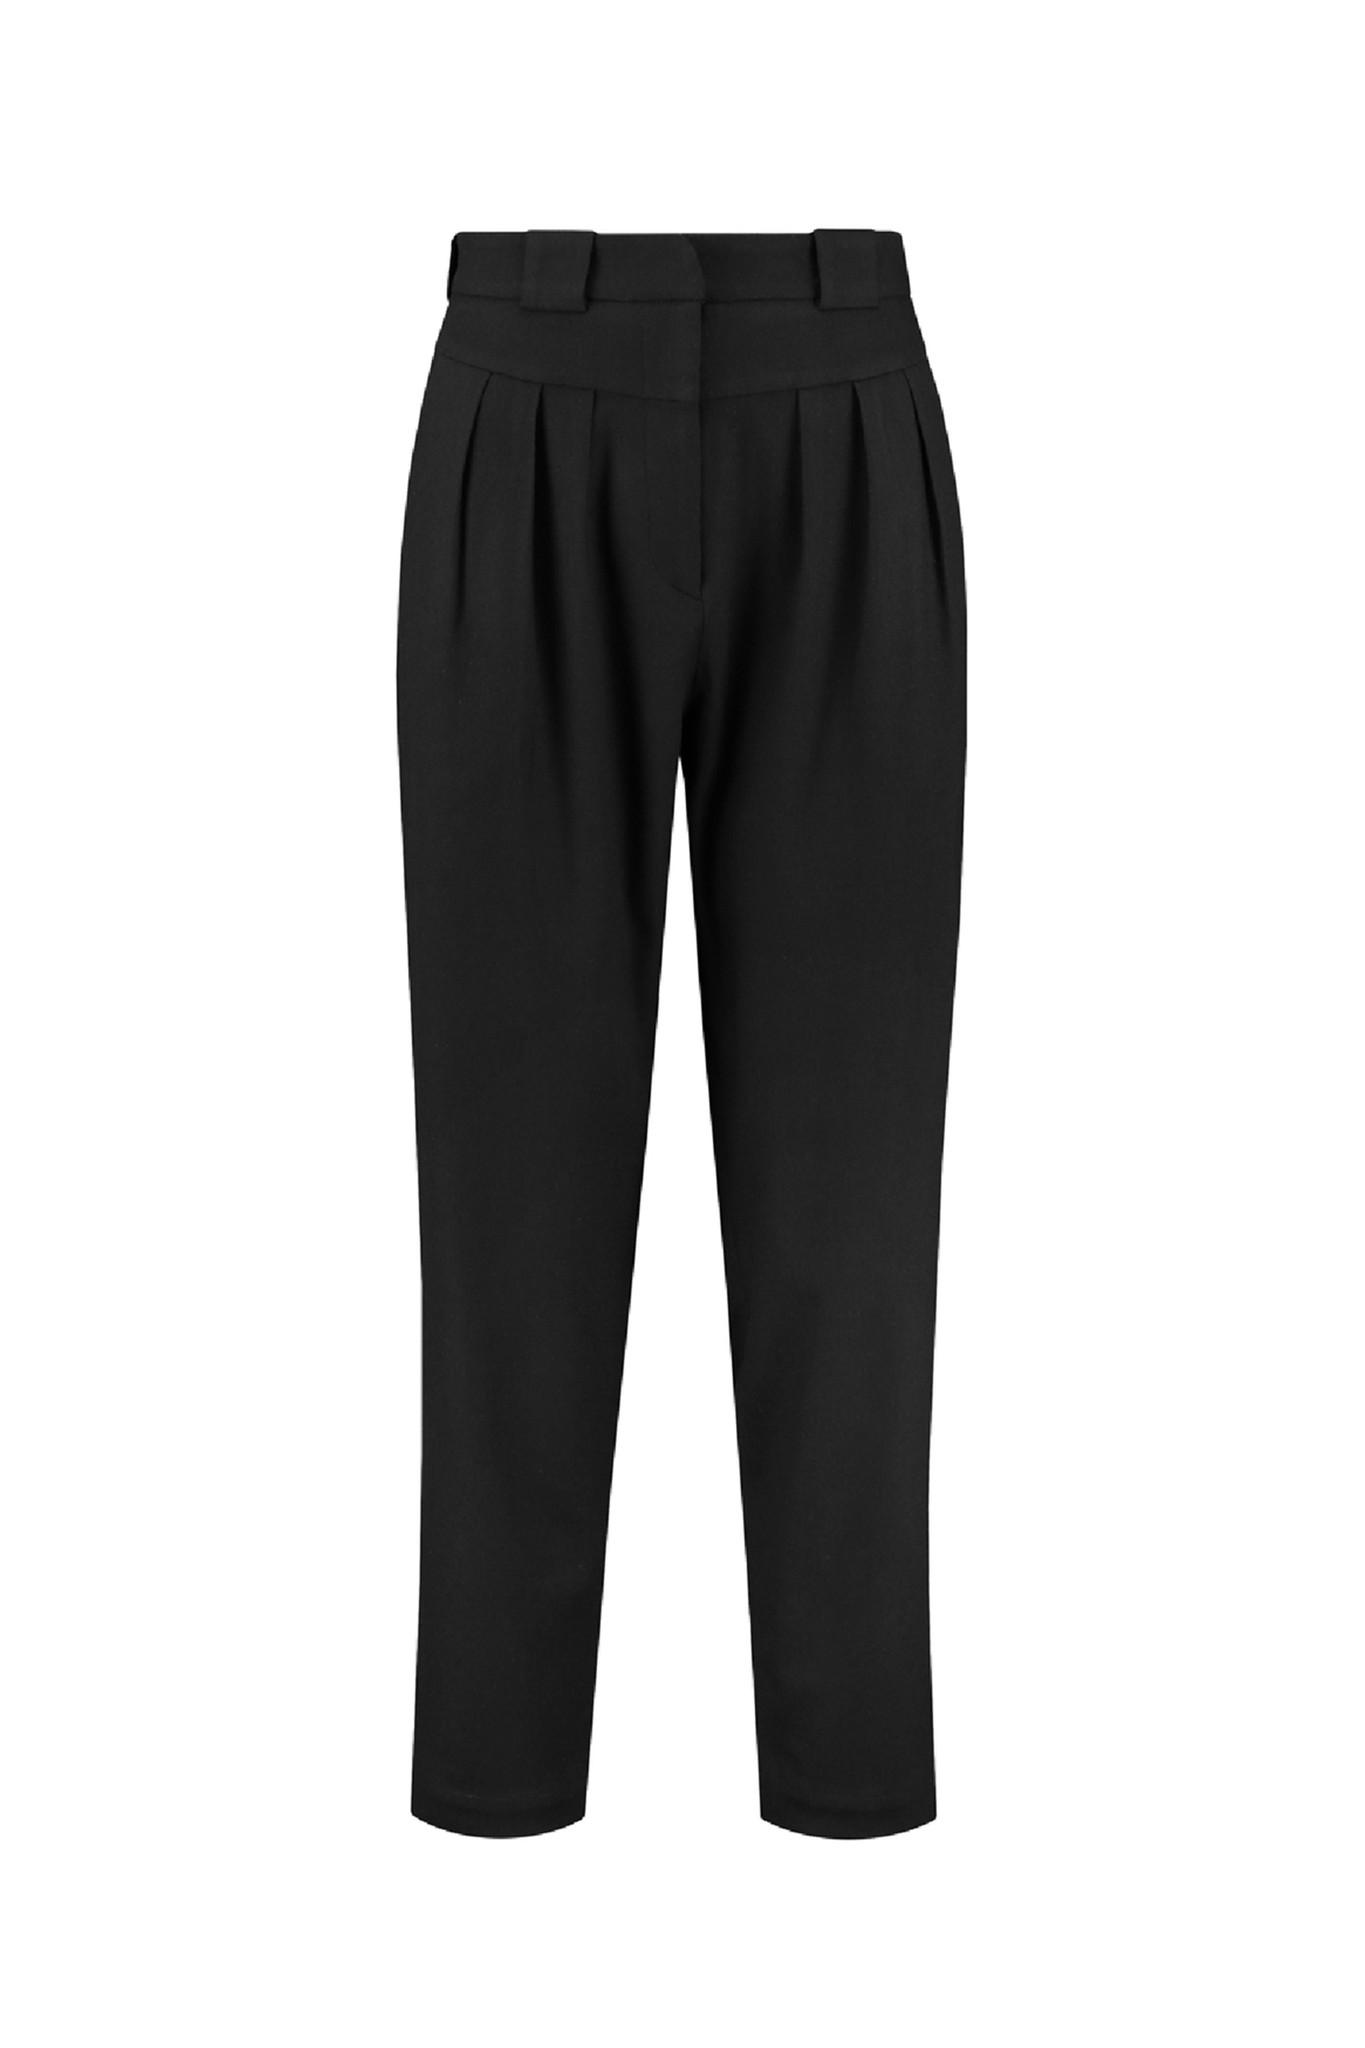 Persia Pants - Black-2